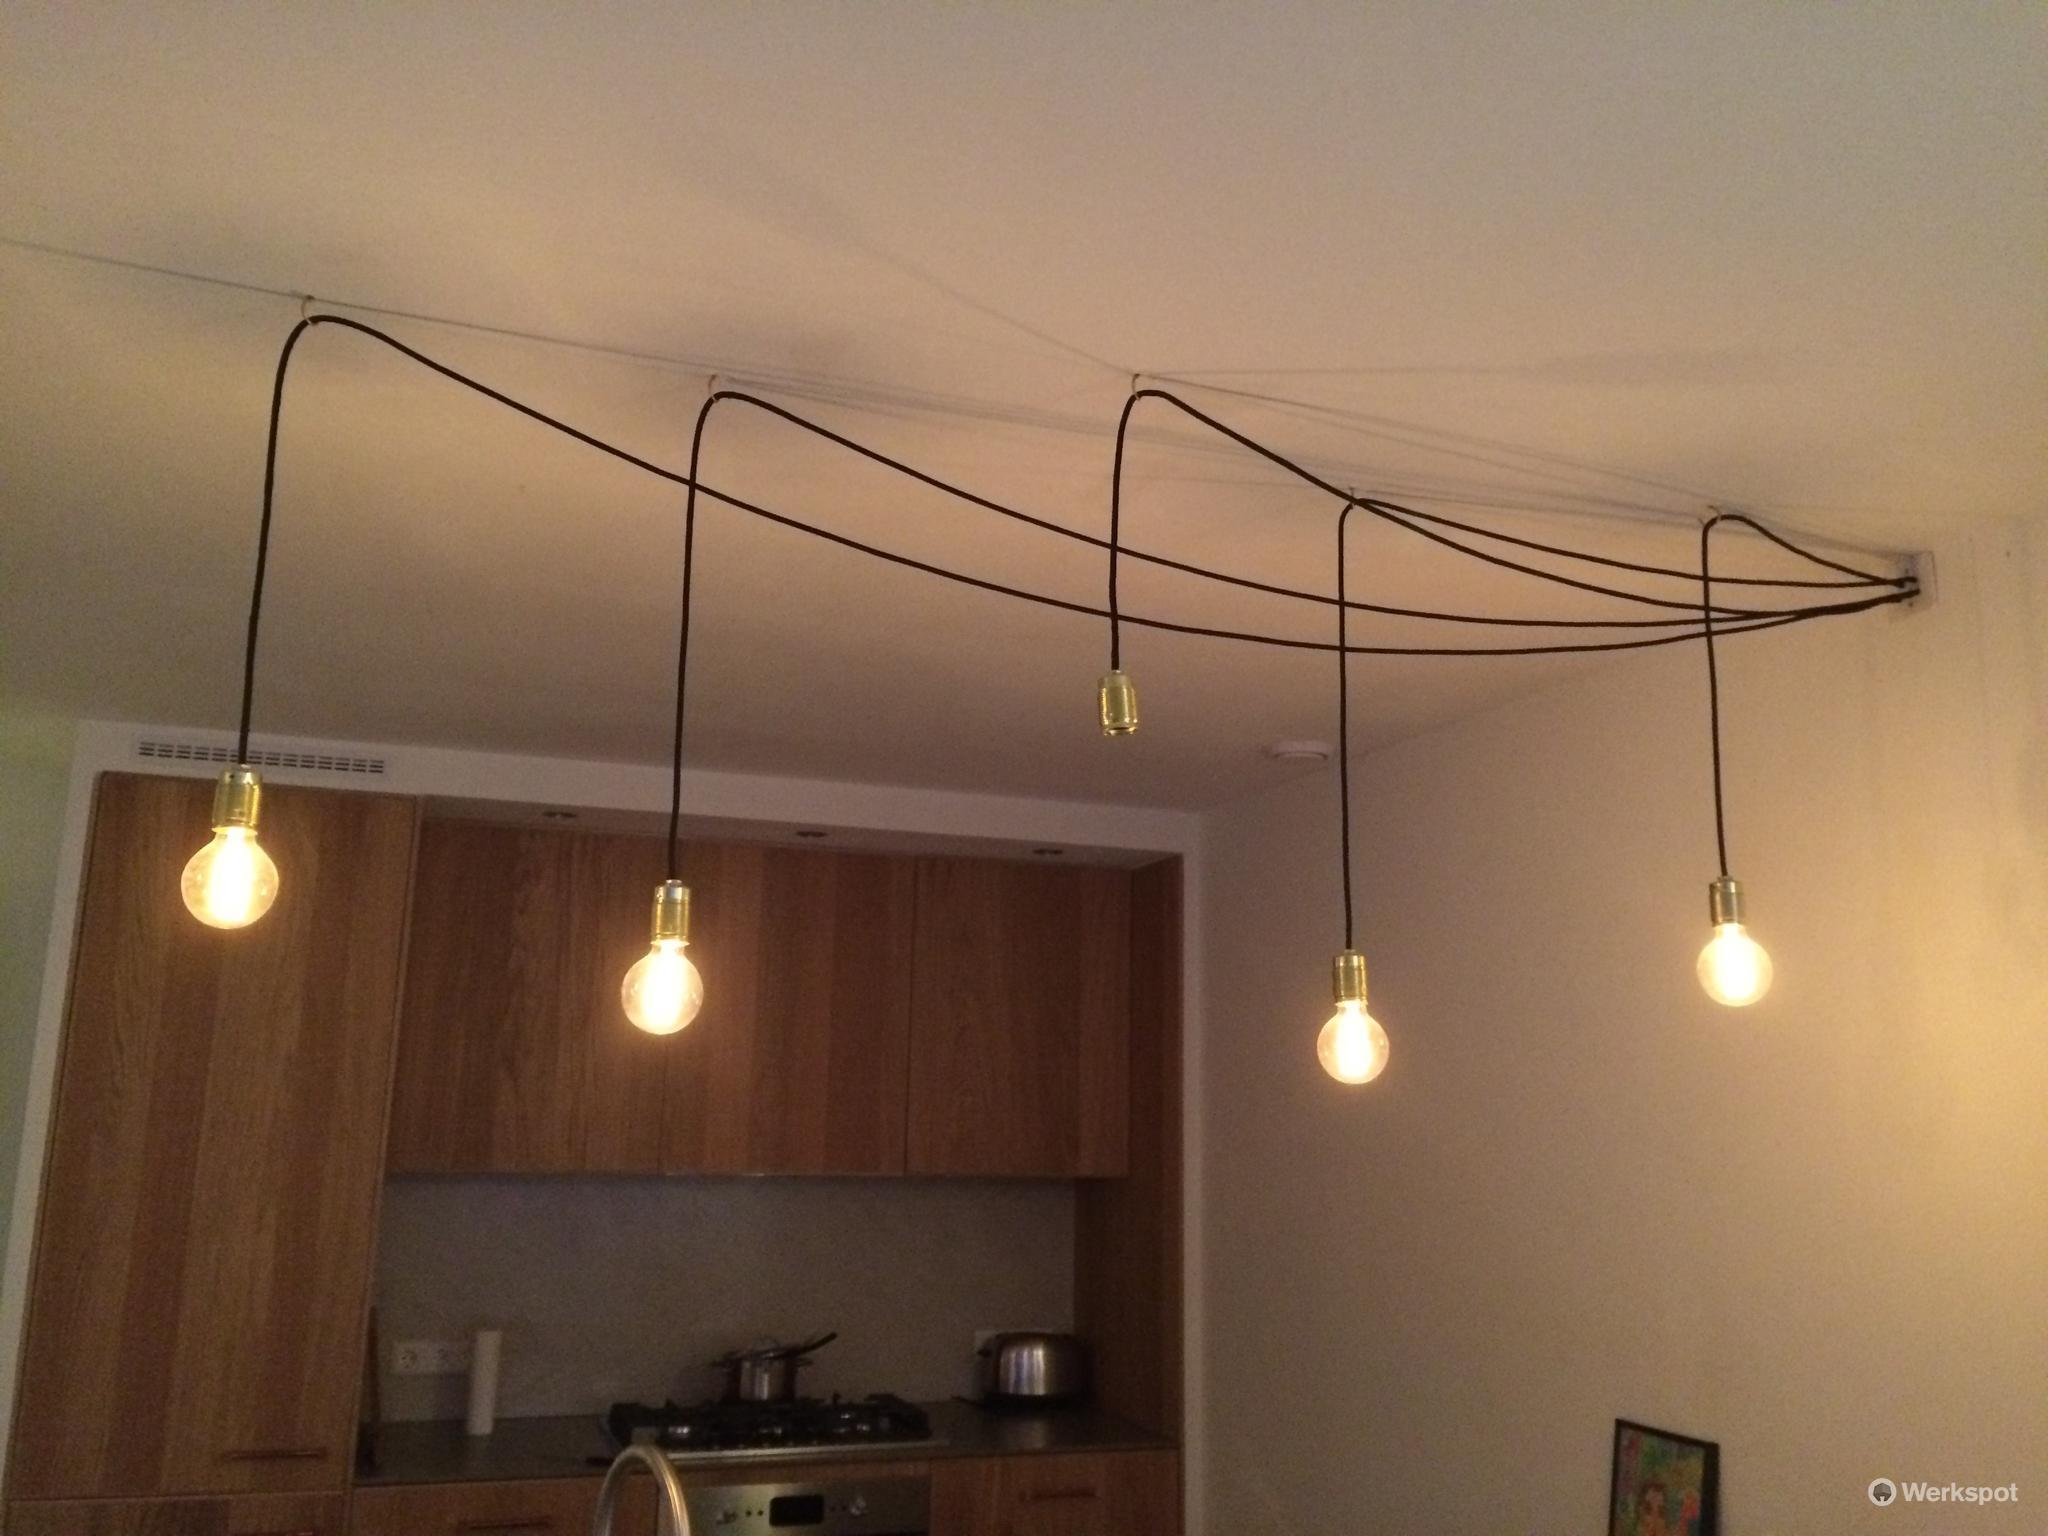 Genoeg 7 wandlampen ophangen, 5 lampjes aan het plafond hangen GU74